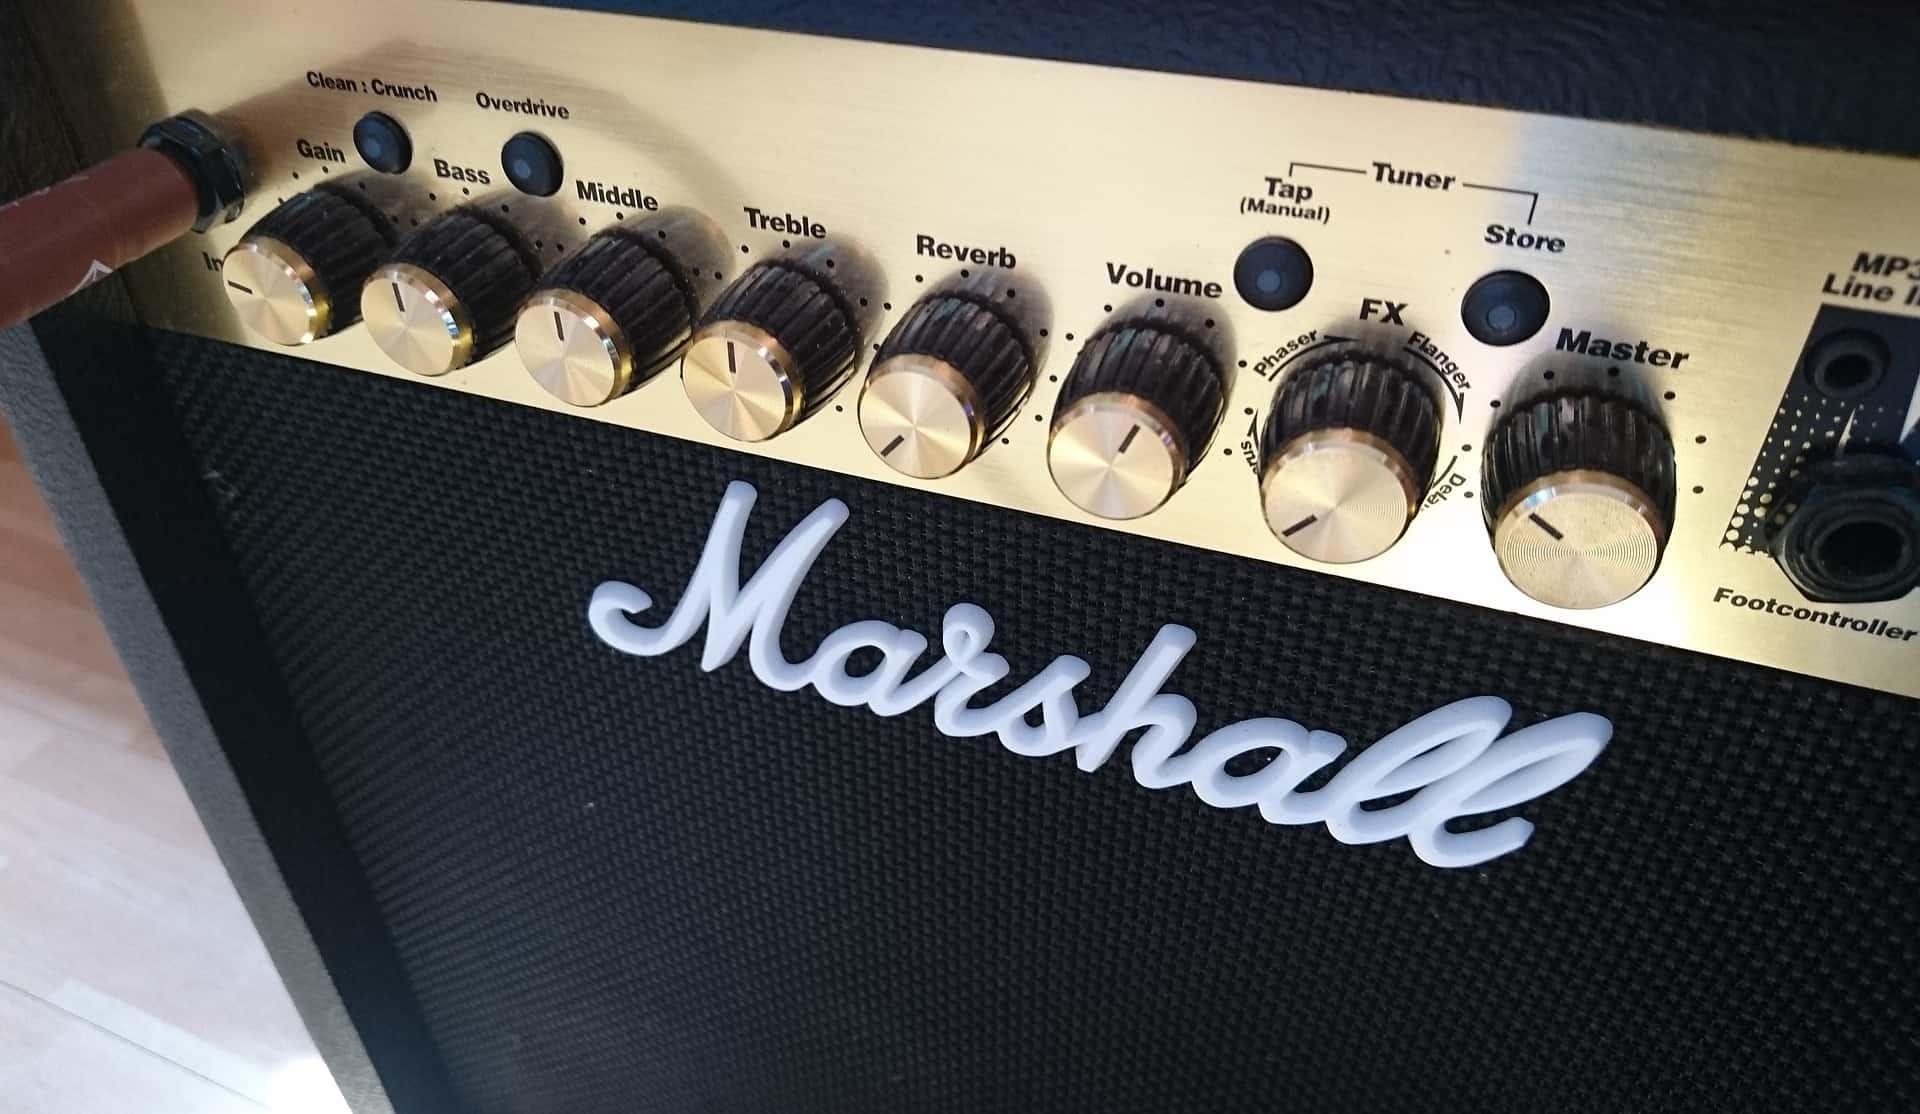 Imagem de um amplificador para guitarra Marshall.